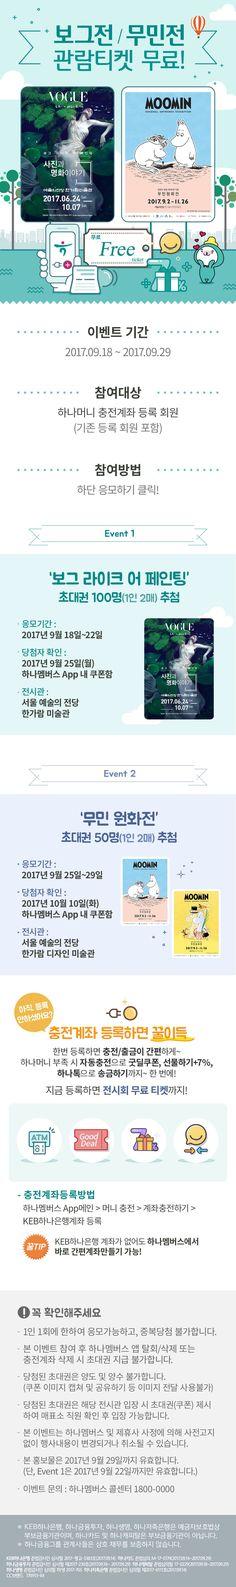 하나멤버스 보그전 무민전 이벤트 Moomin